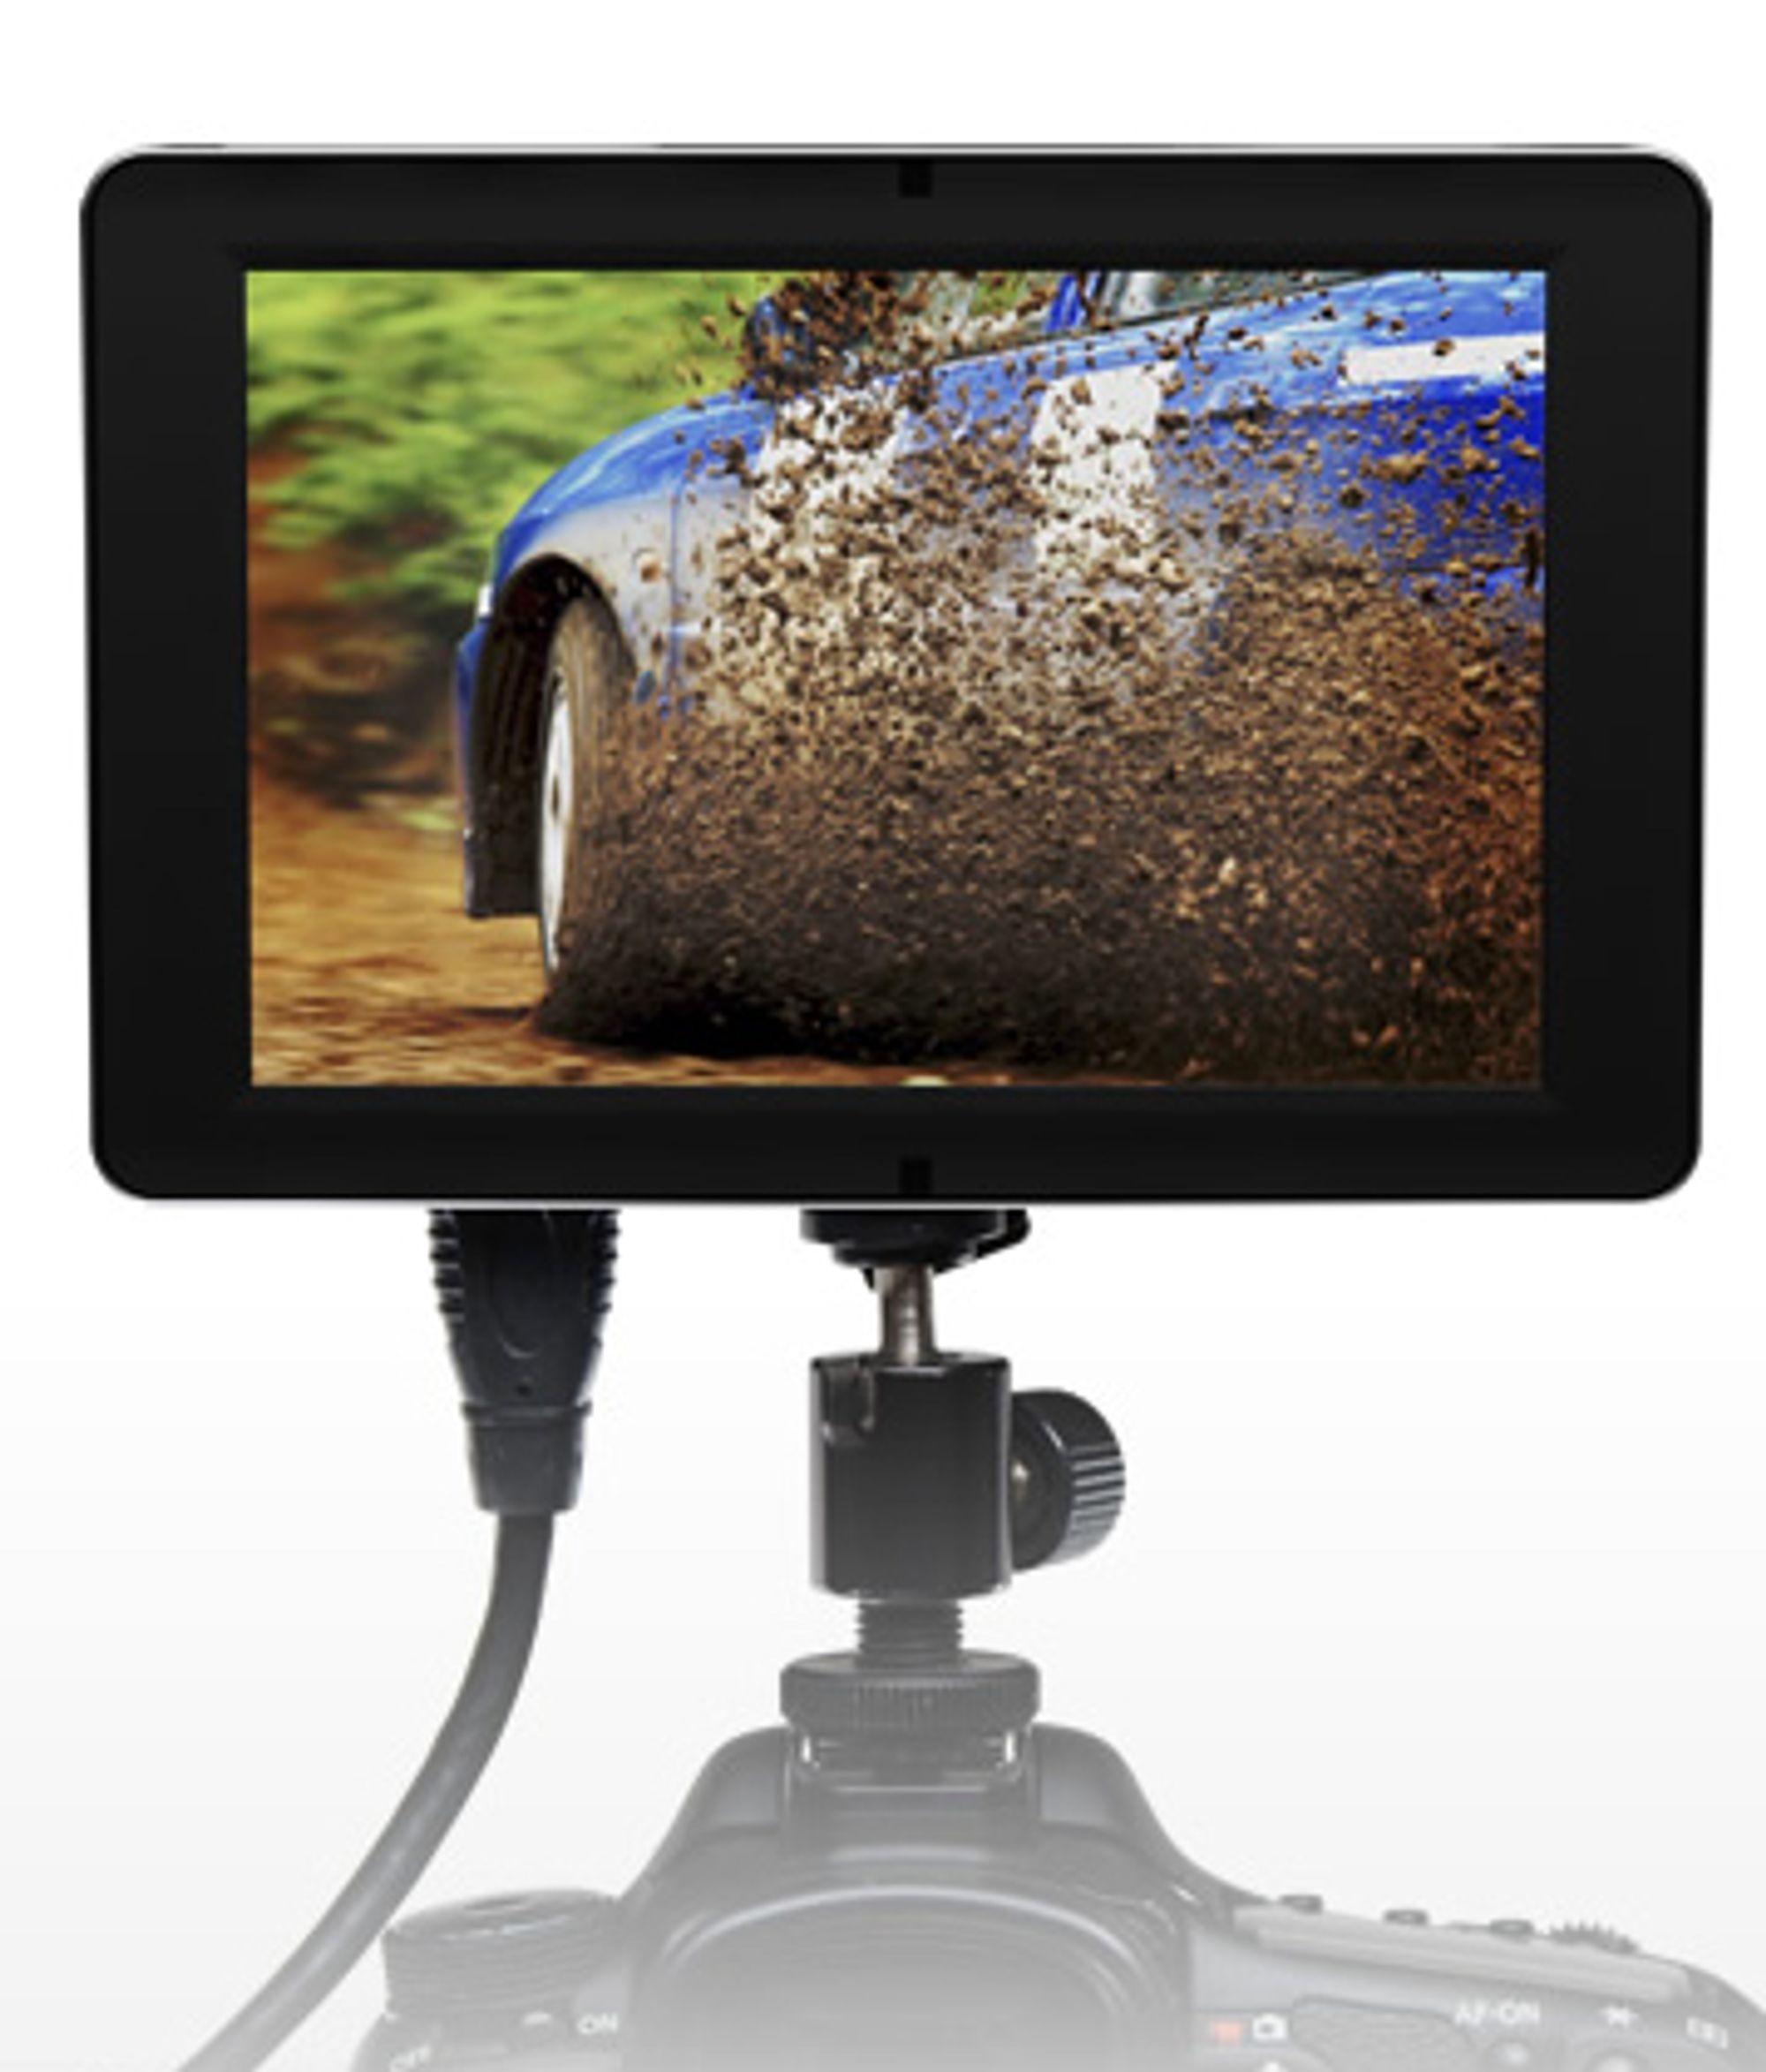 SmallHDs DP-SLR veier bare 283 gram, og kan festes i for eksempel blitzskoen på kameraet. Den har alle tilboklinger du trenger, og er bygget i aluminium. FOTO: SmallHD.com